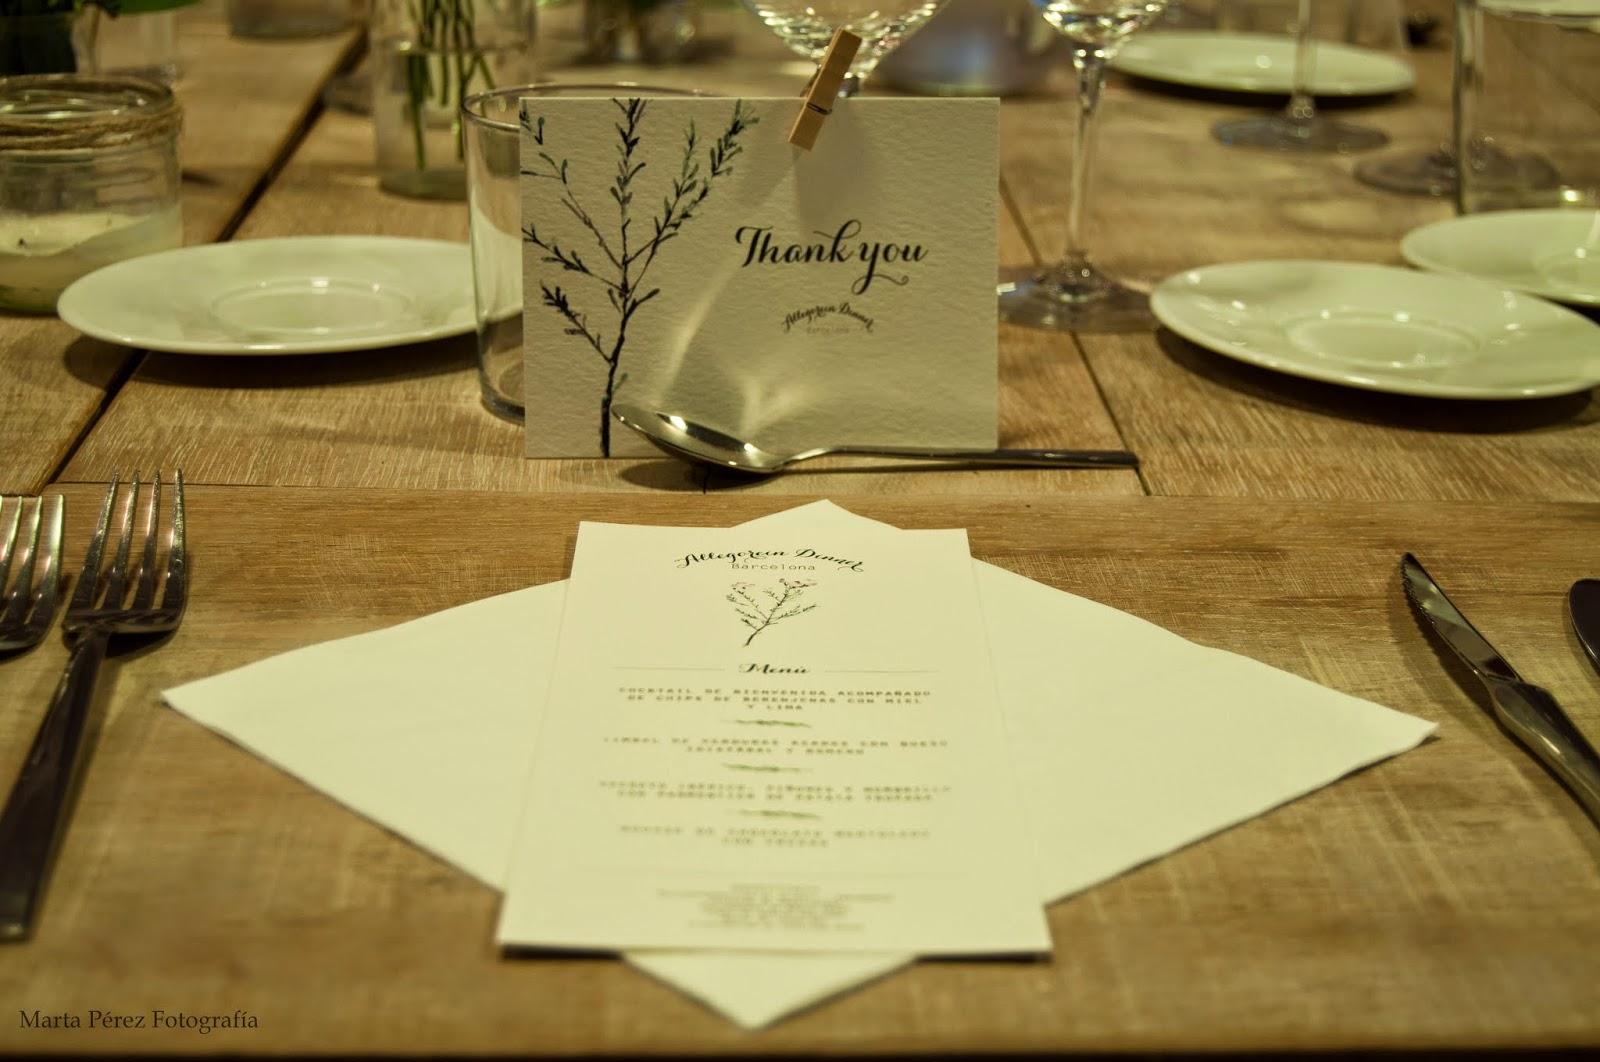 Allegorein Dinner Barcelona - Cristina Maser